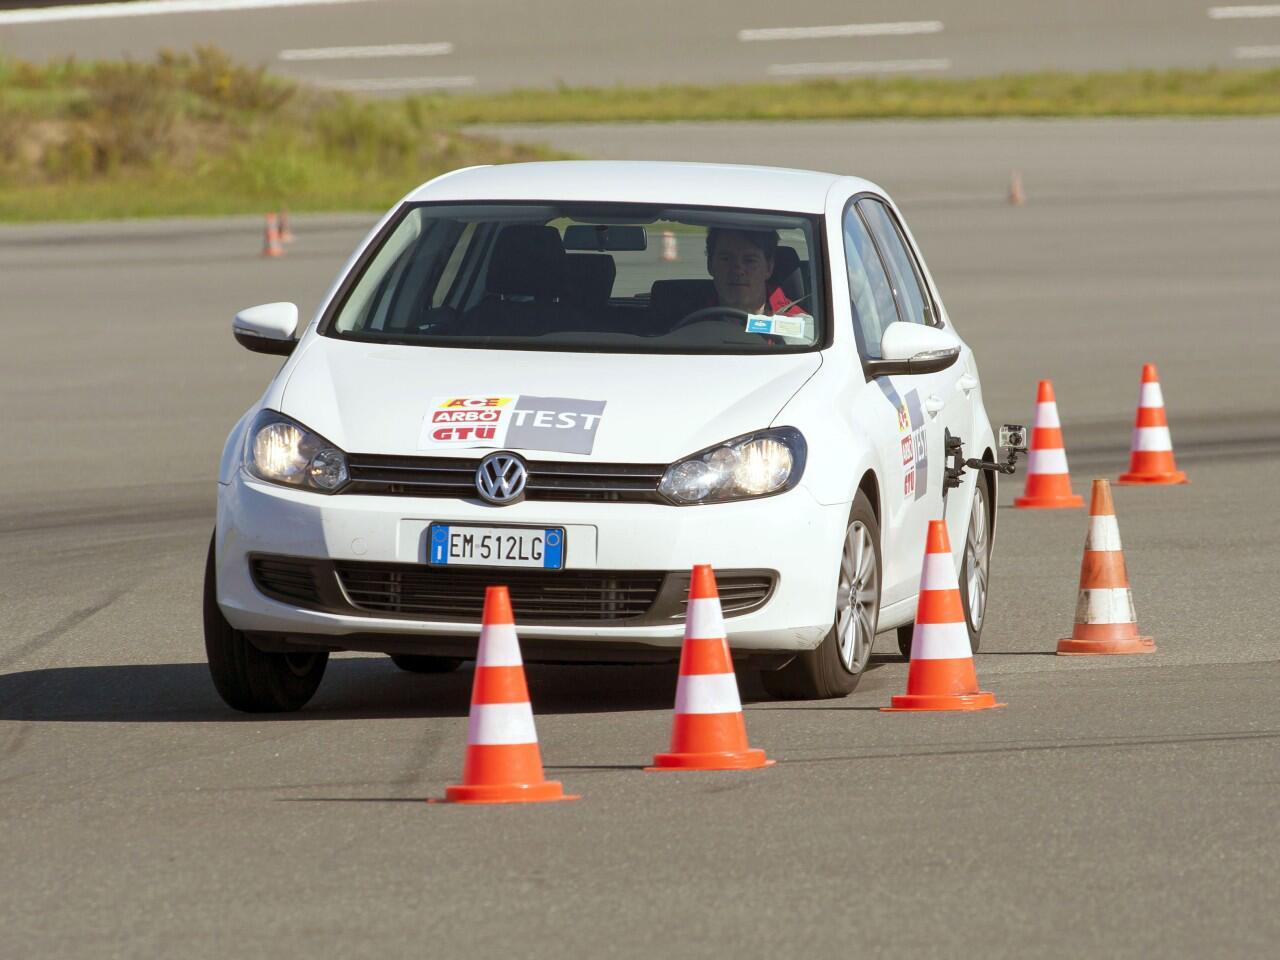 Bild zu ESP: Das elektronische Stabilitäts-Programm hilft, Unfälle zu verhindern